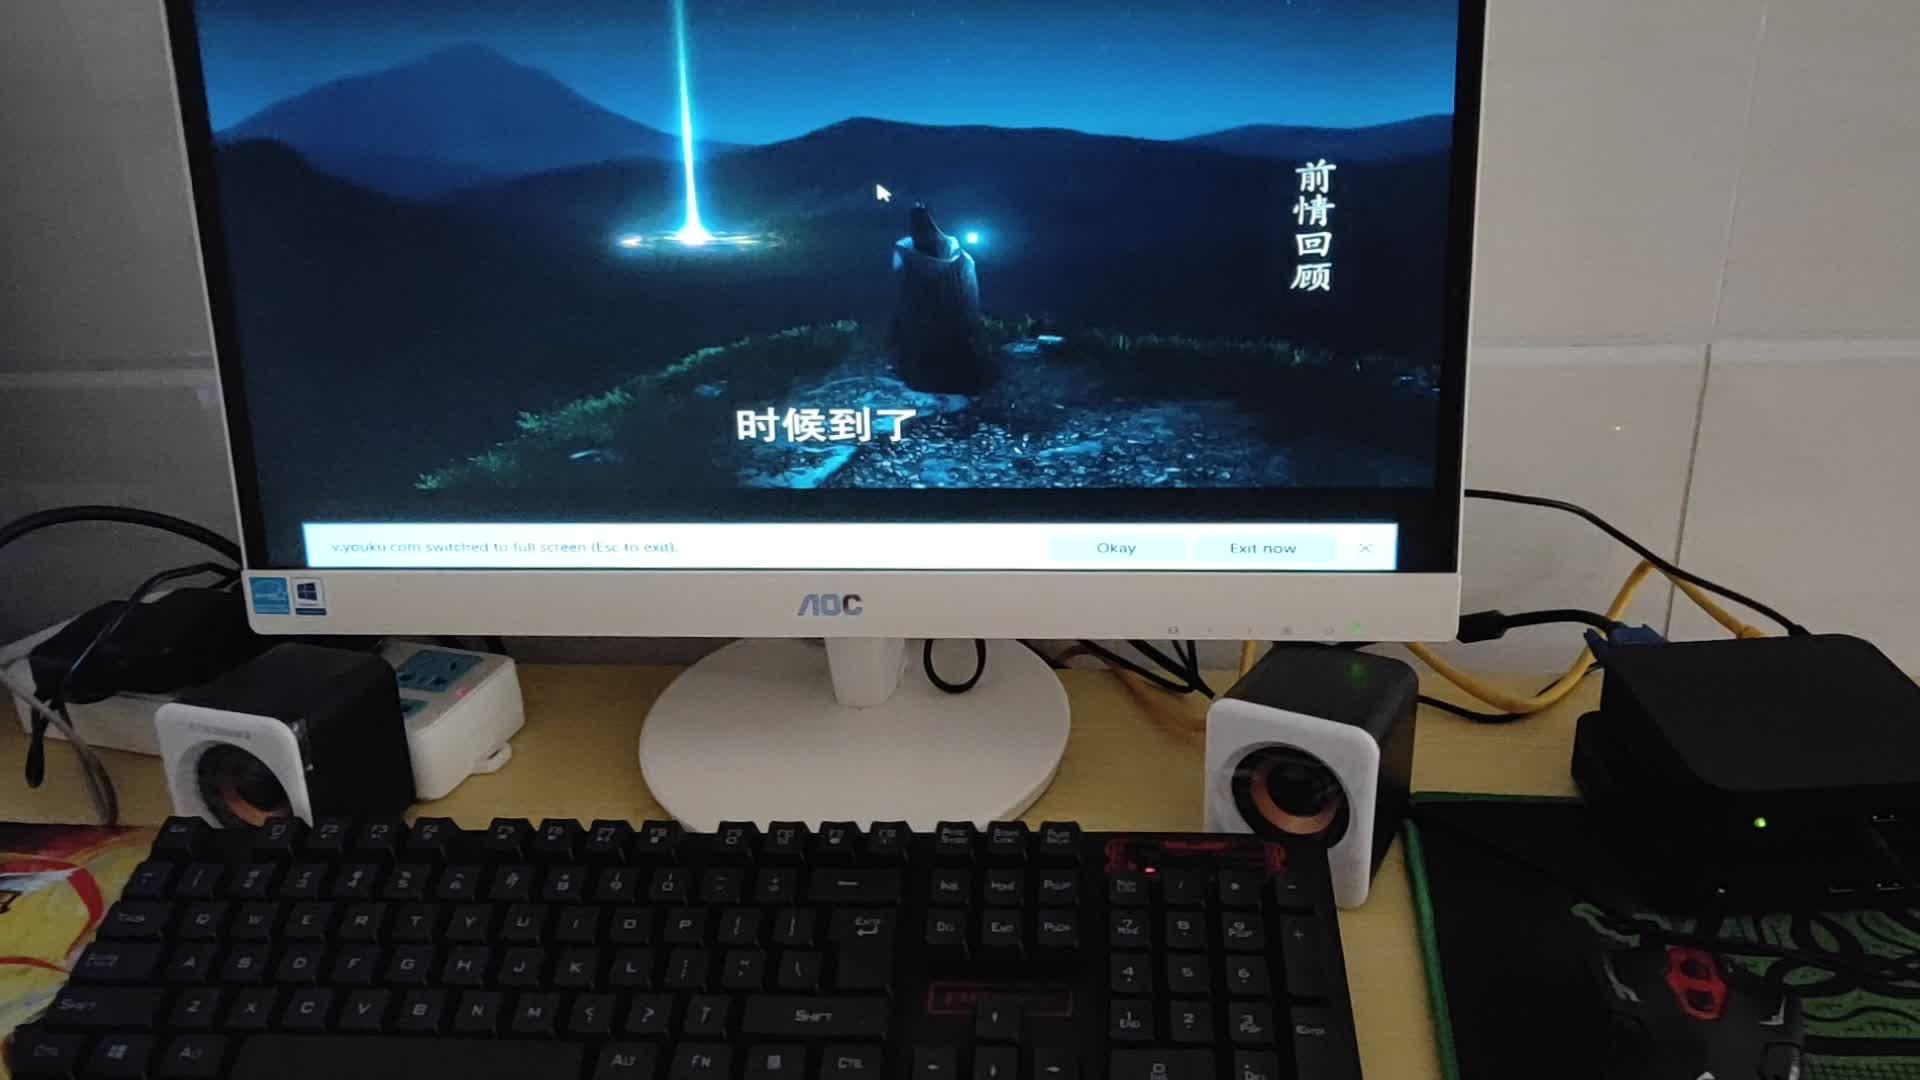 シンクライアント pc g4 高速シンクライアント n690 とリモートデスクトップ RDP 10.3 プロトコルのサポート、リモート Fx wake on lan